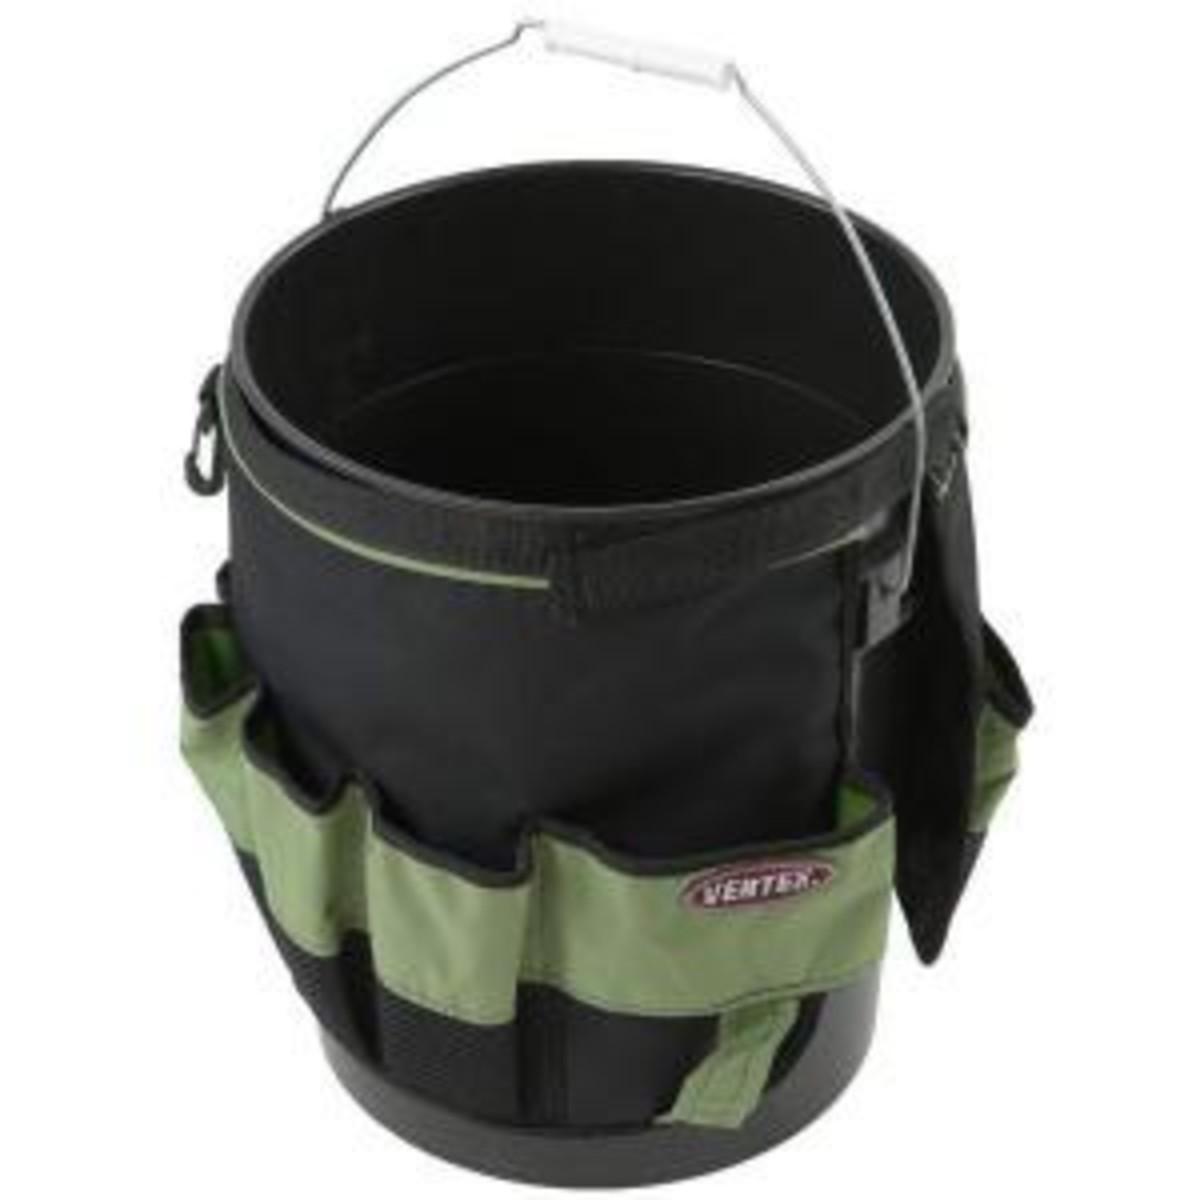 Vertex Garden Essential Bucket Organizer